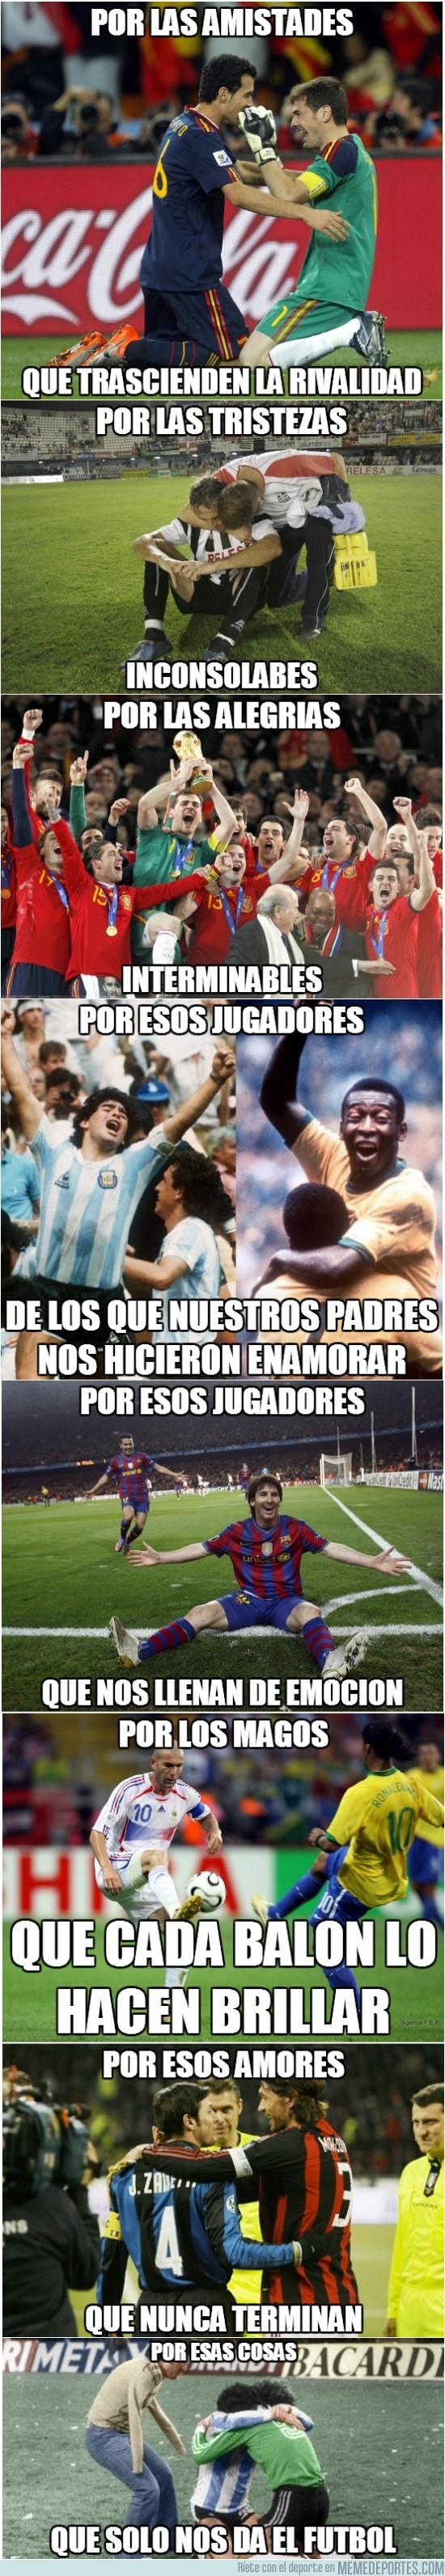 33304 - Fútbol ayer, ahora y siempre